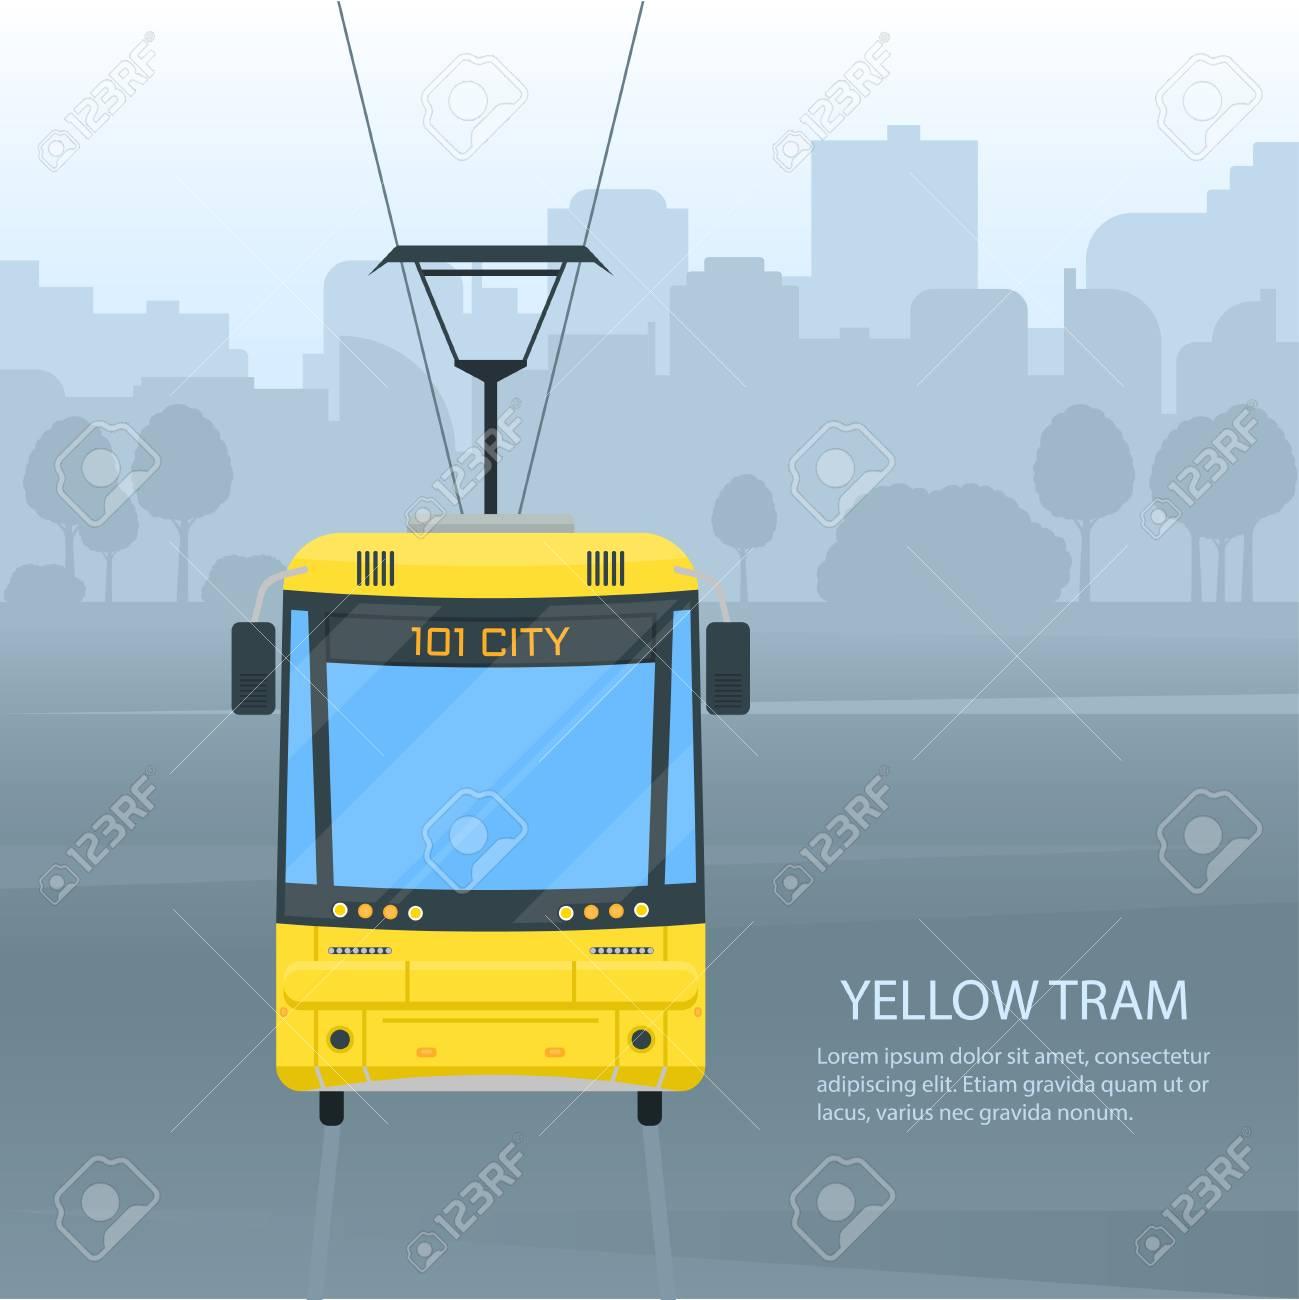 市内路面電車の公共交通機関ベクトル フラット スタイル イラスト都市